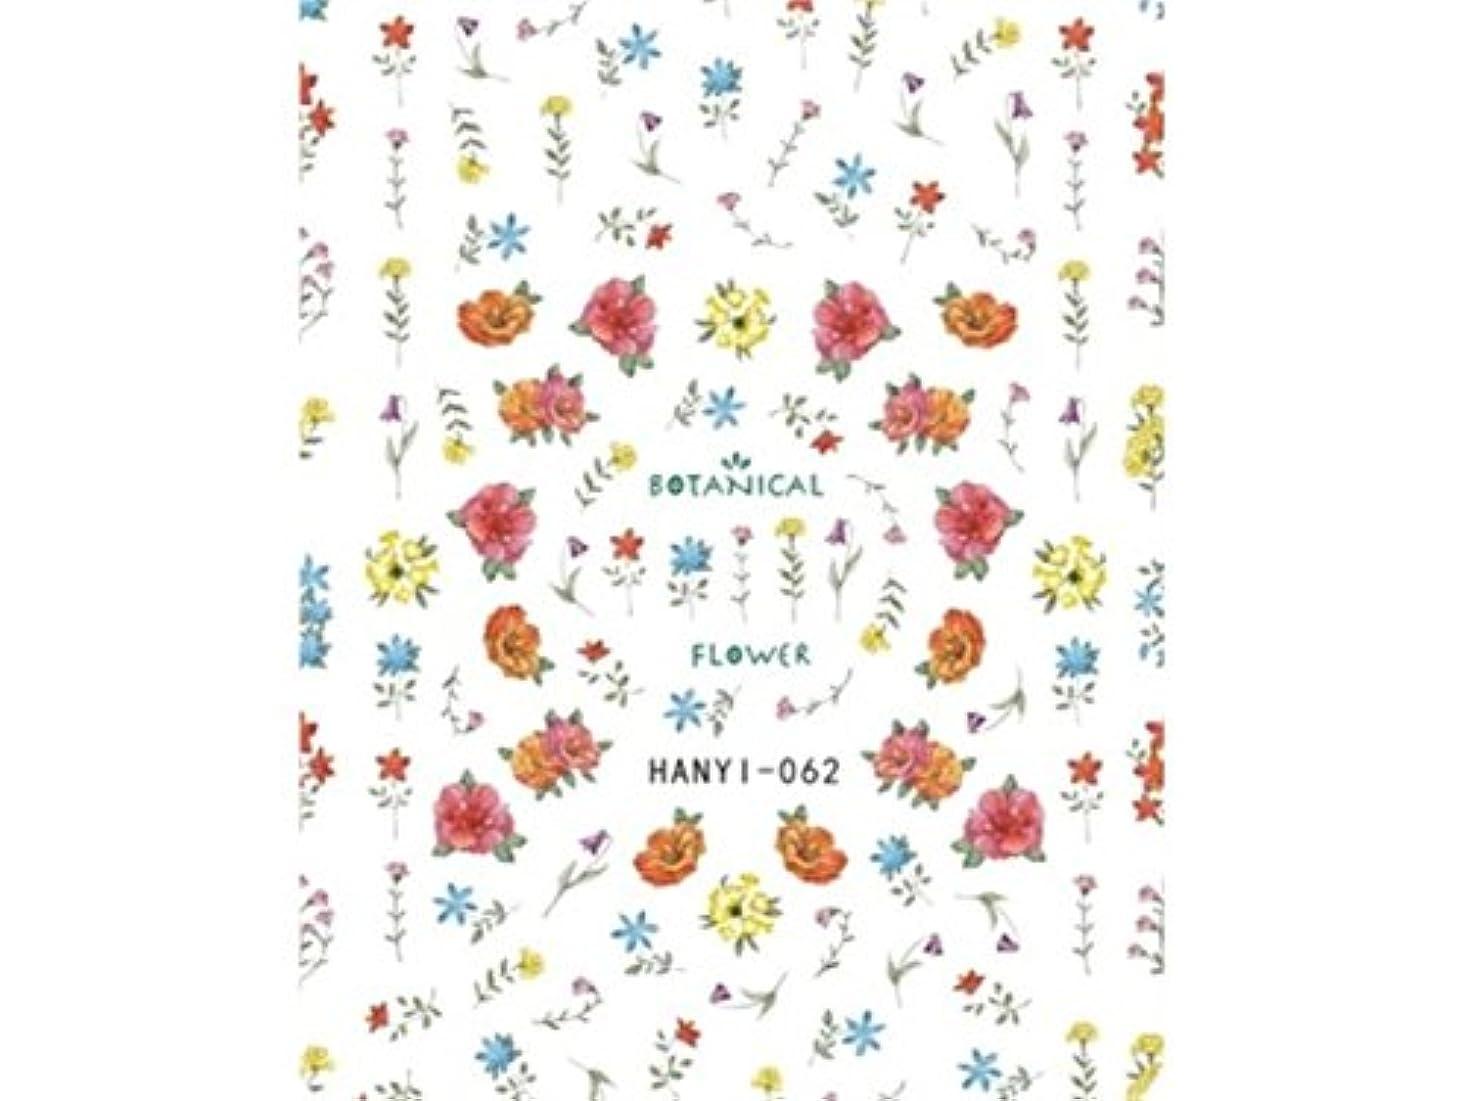 マイナス道路を作るプロセス彫刻Osize ファッションカラフルな花ネイルアートステッカー水転送ネイルステッカーネイルアクセサリー(示されているように)